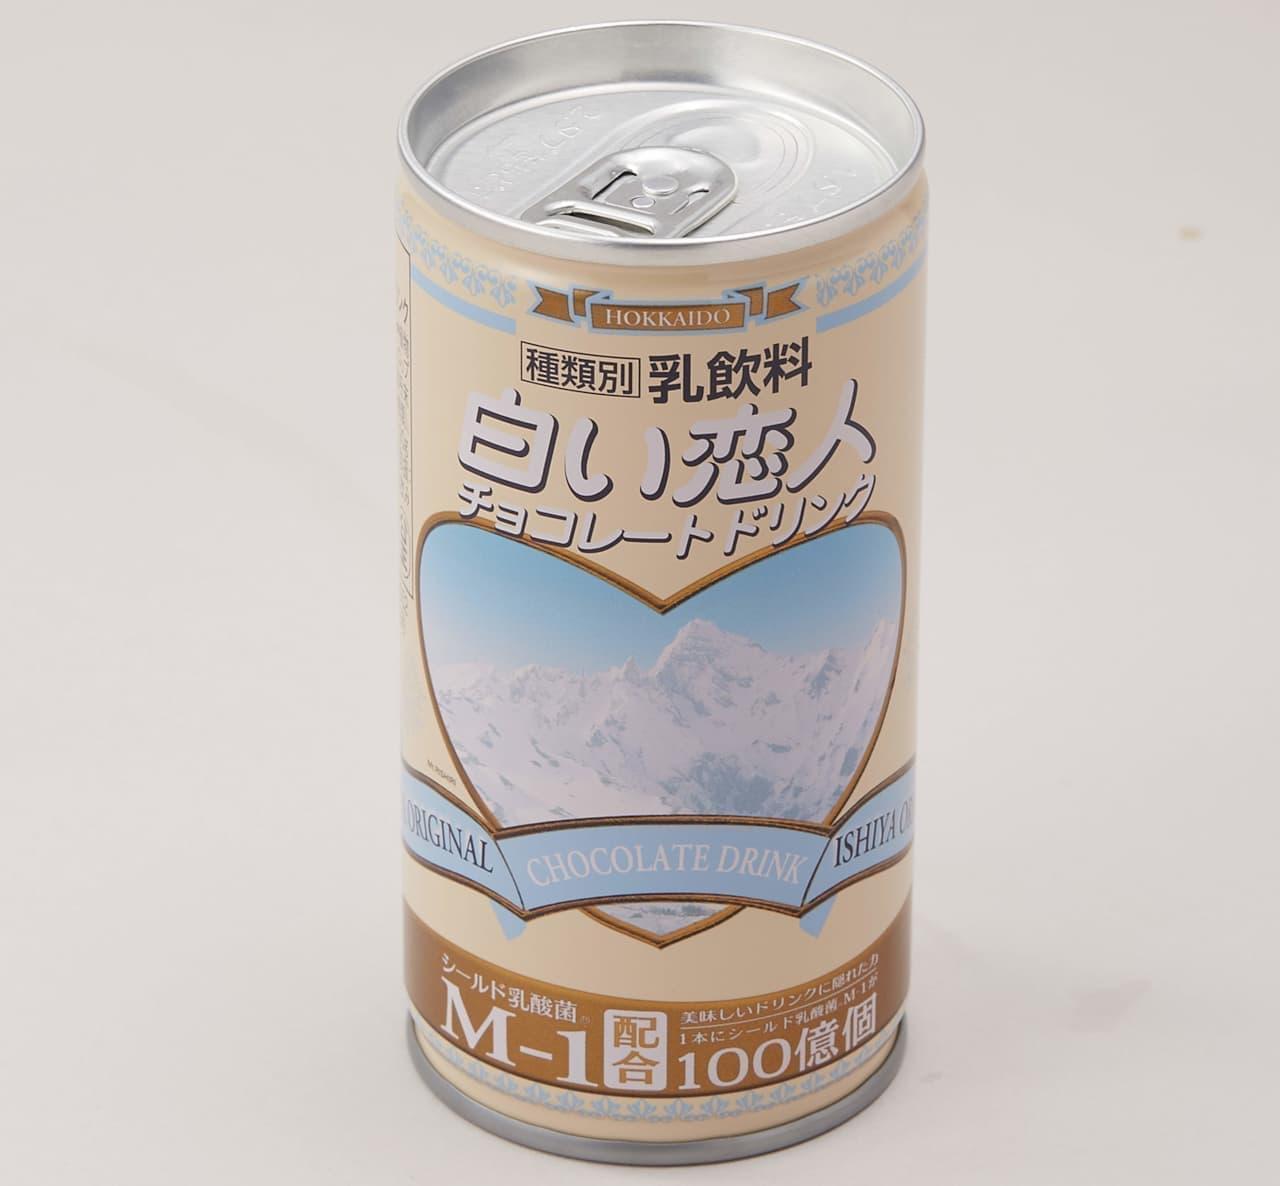 チョコレートドリンクフロート(白い恋人チョコレートドリンク使用)